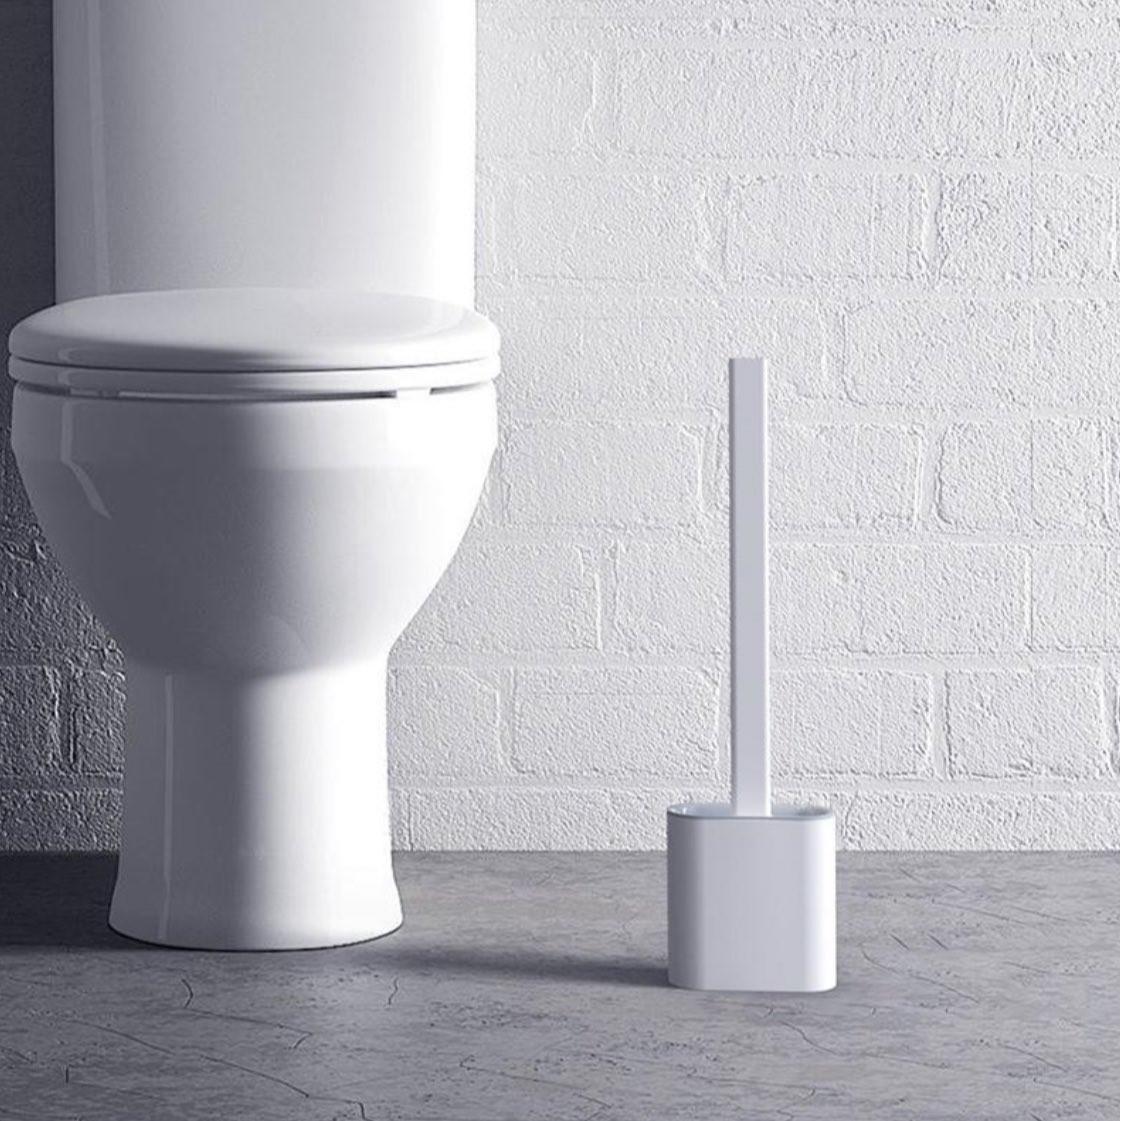 Cọ Vệ Sinh Toilet Bồn Cầu Bằng Silicon Tiện Lợi( giao mầu ngẫu nhiên )